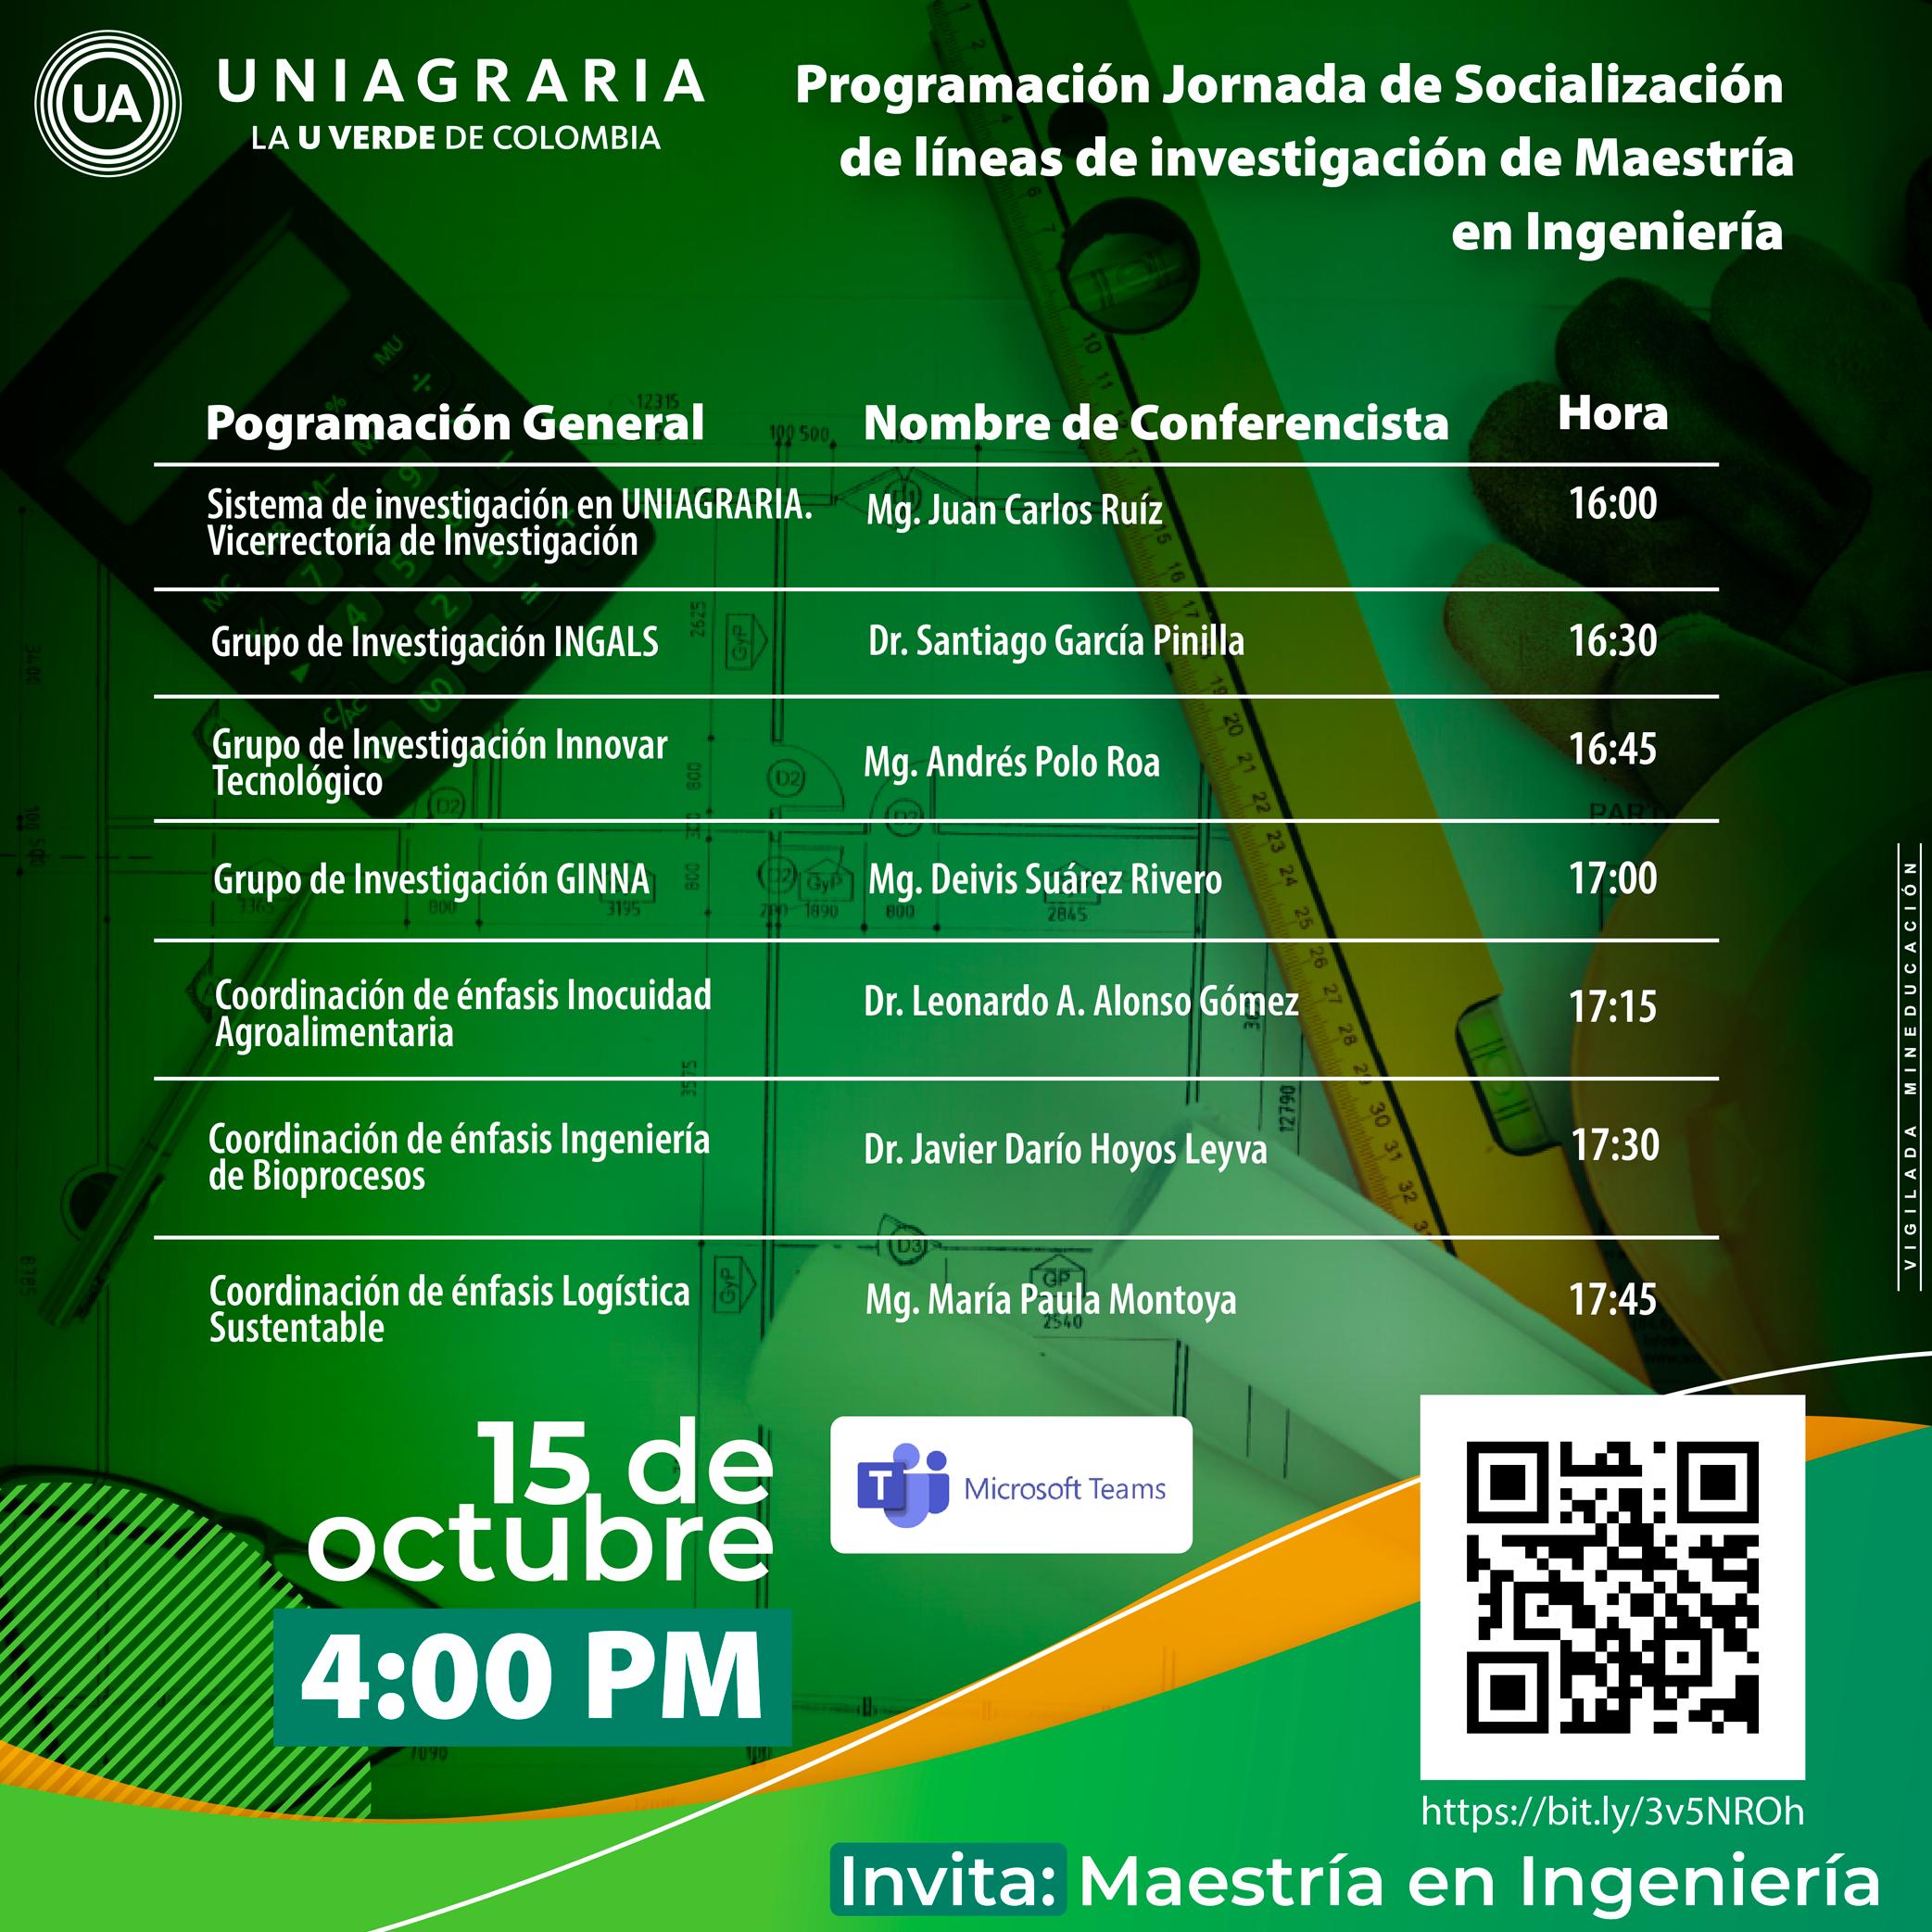 Jornada de socialización de líneas de investigación de Maestría en Ingeniería